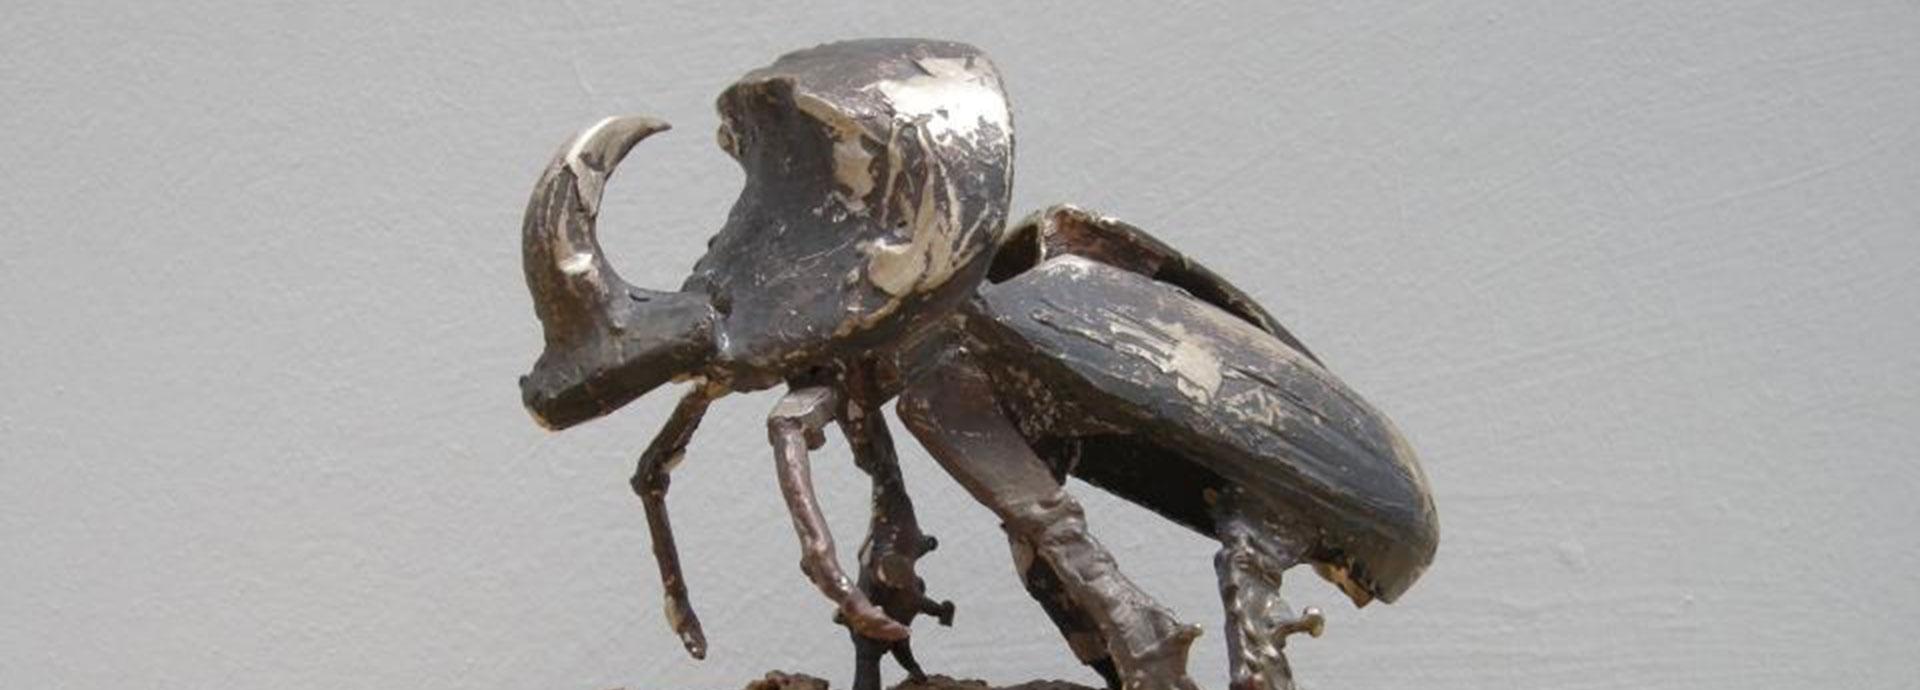 escarabajo-slider